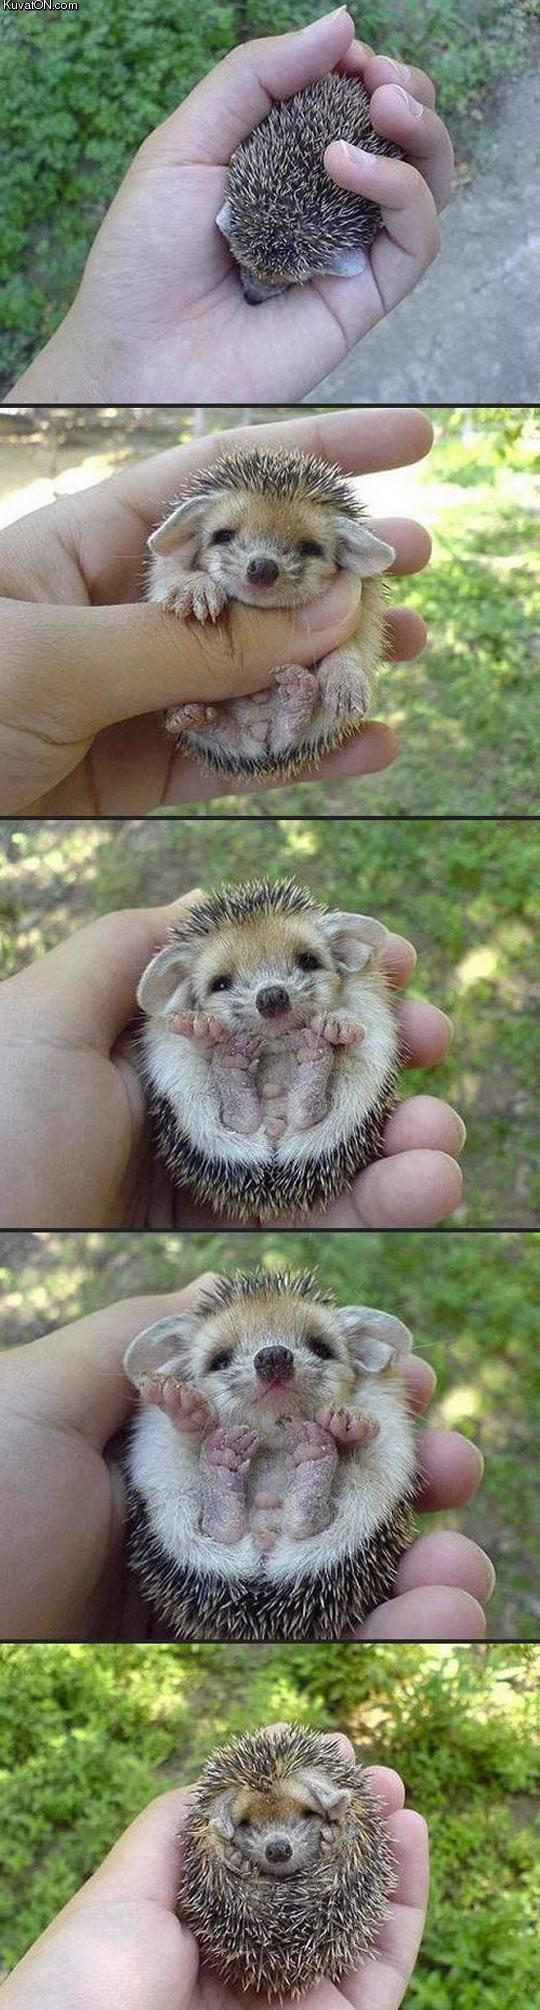 baby_hedgehog.jpg